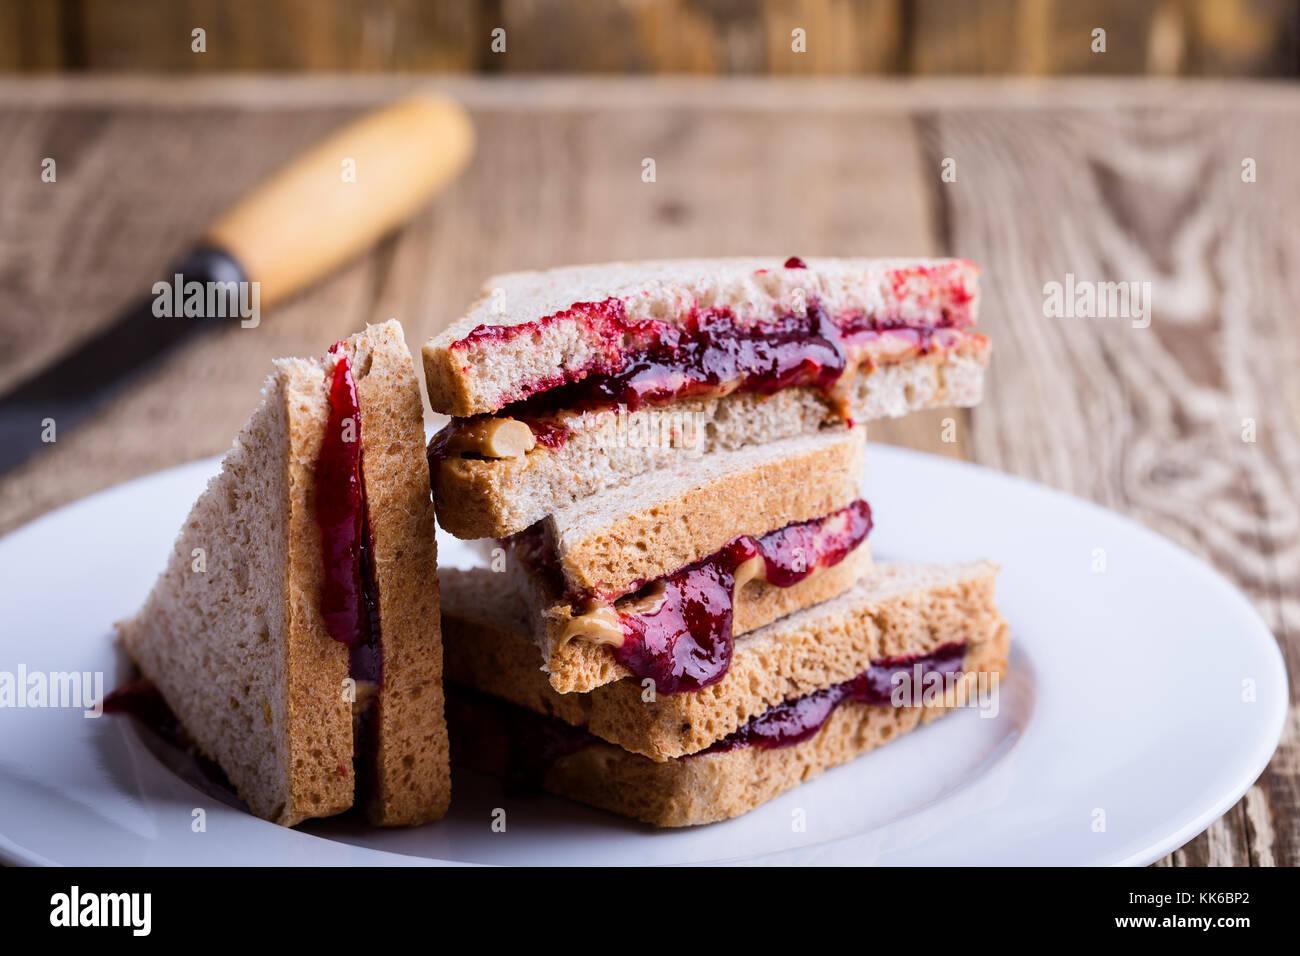 Burro di arachidi e gelatina con sandwich di pane integrale su tavola in legno rustico Immagini Stock